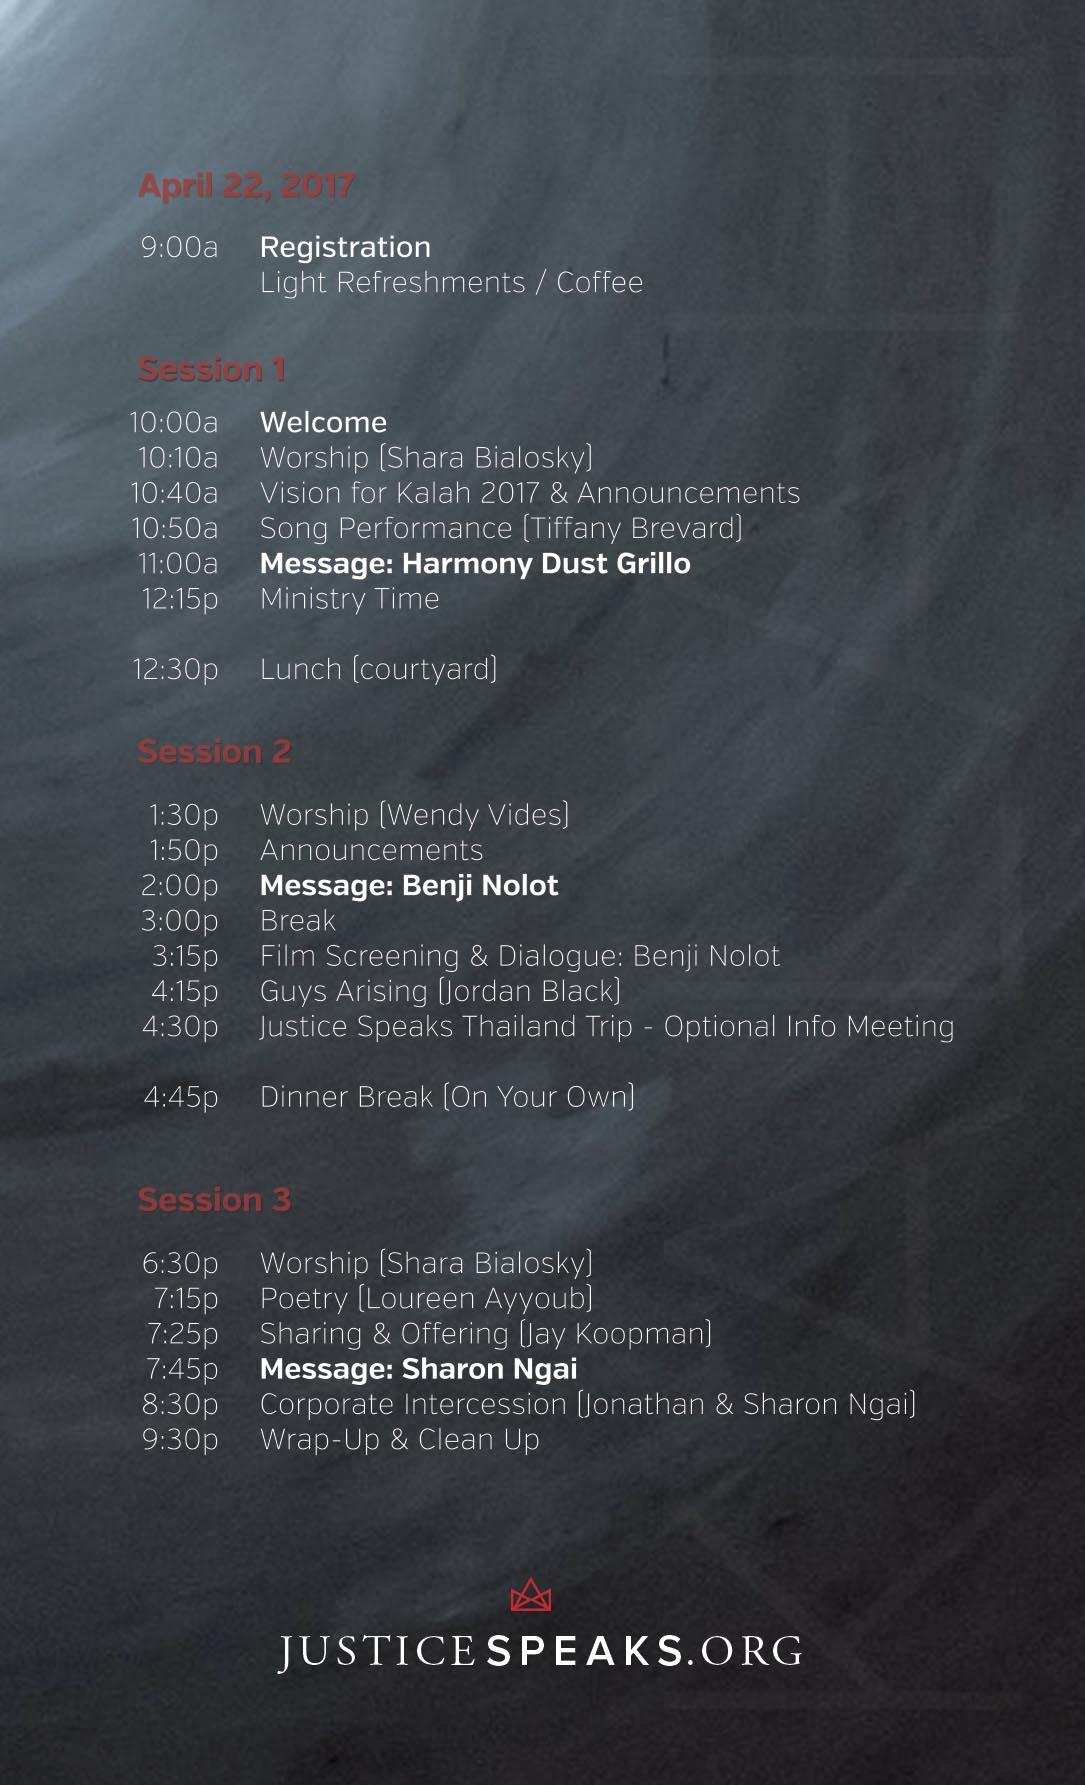 Kalah2017 Schedule